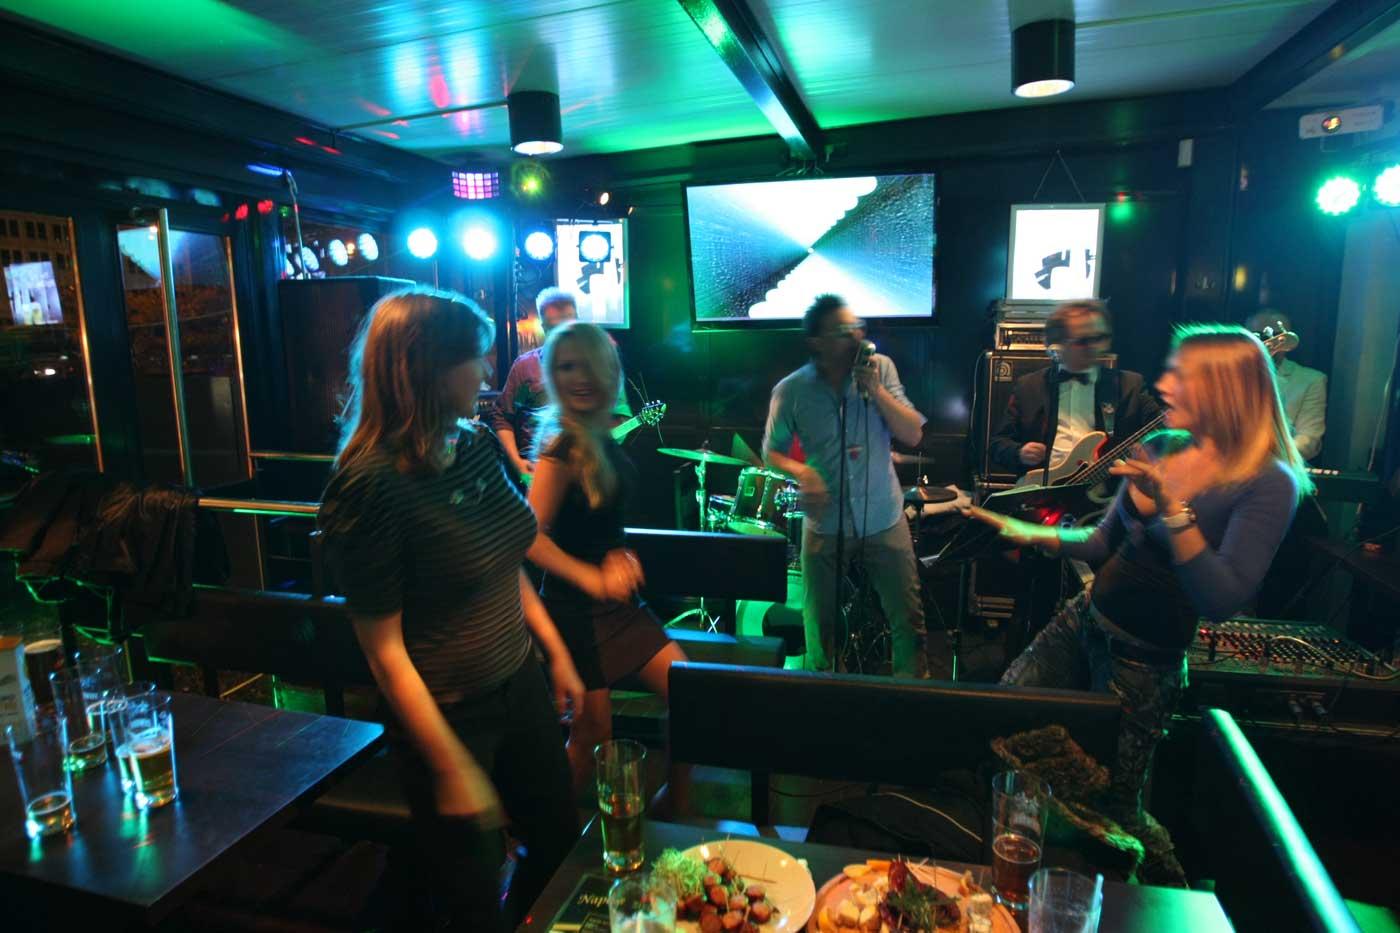 Poczuj się gwiazdą karaoke zaśpiewaj u nas